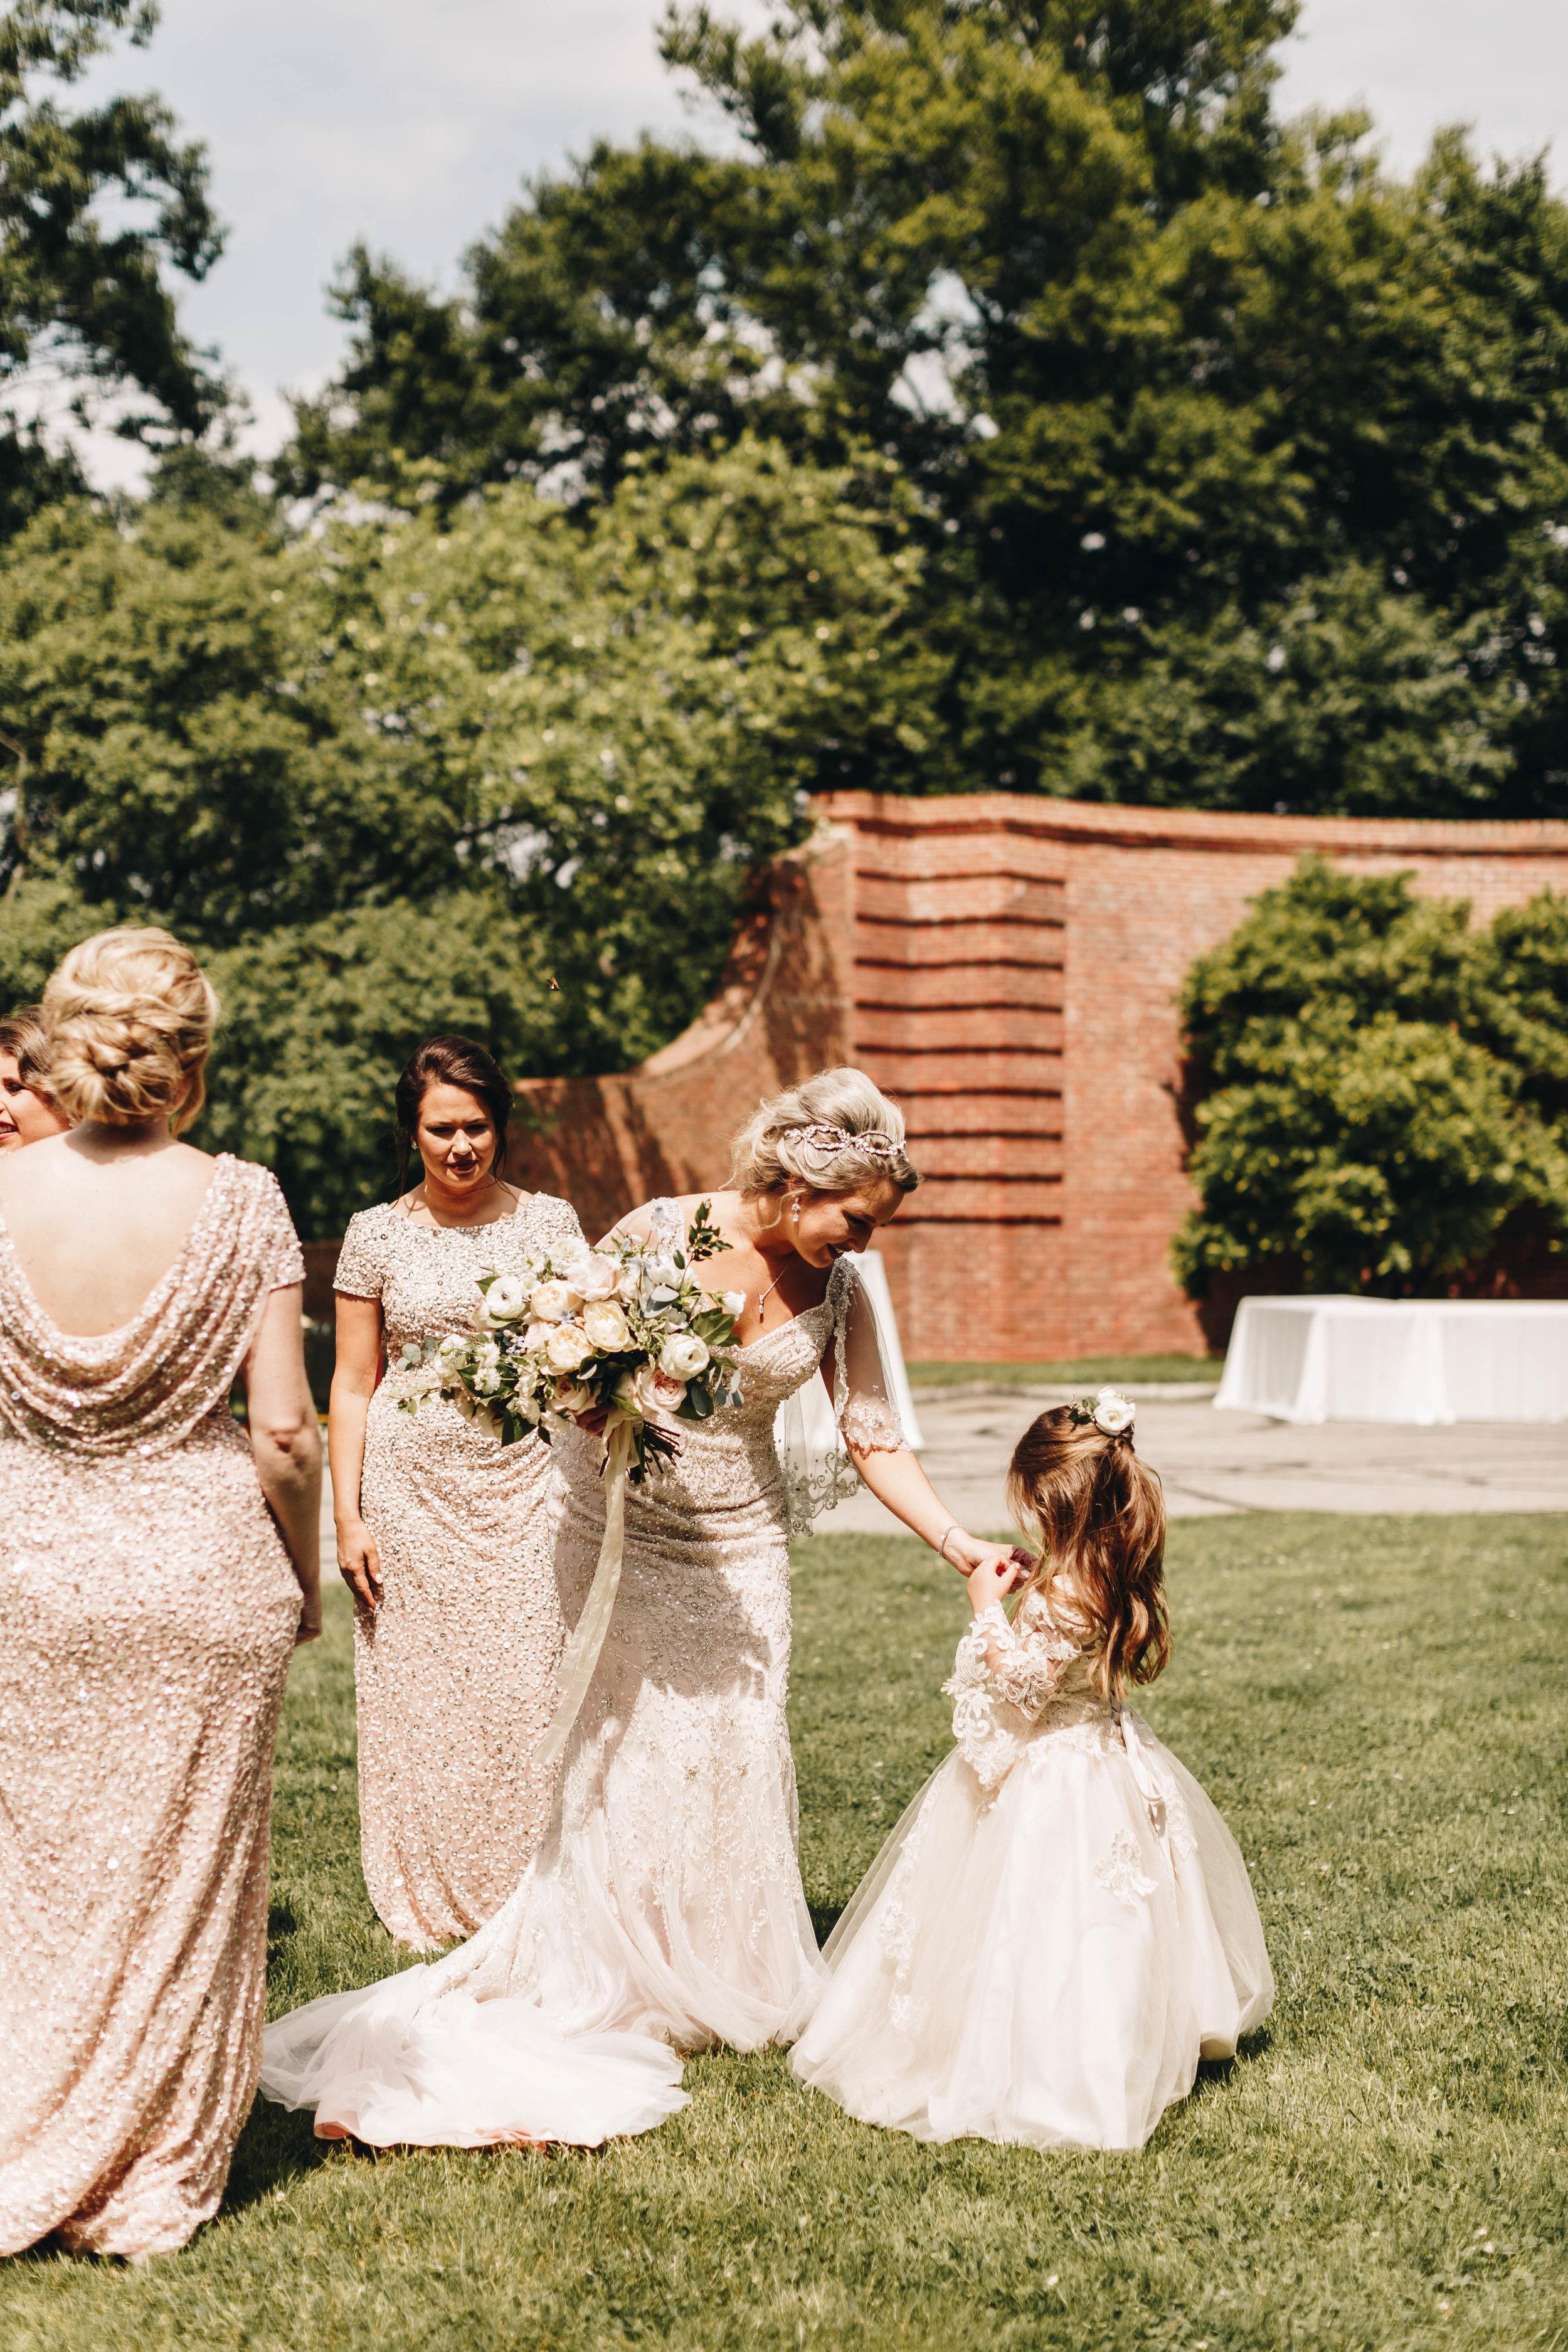 Cincinnati+wedding+photographer-2.jpeg